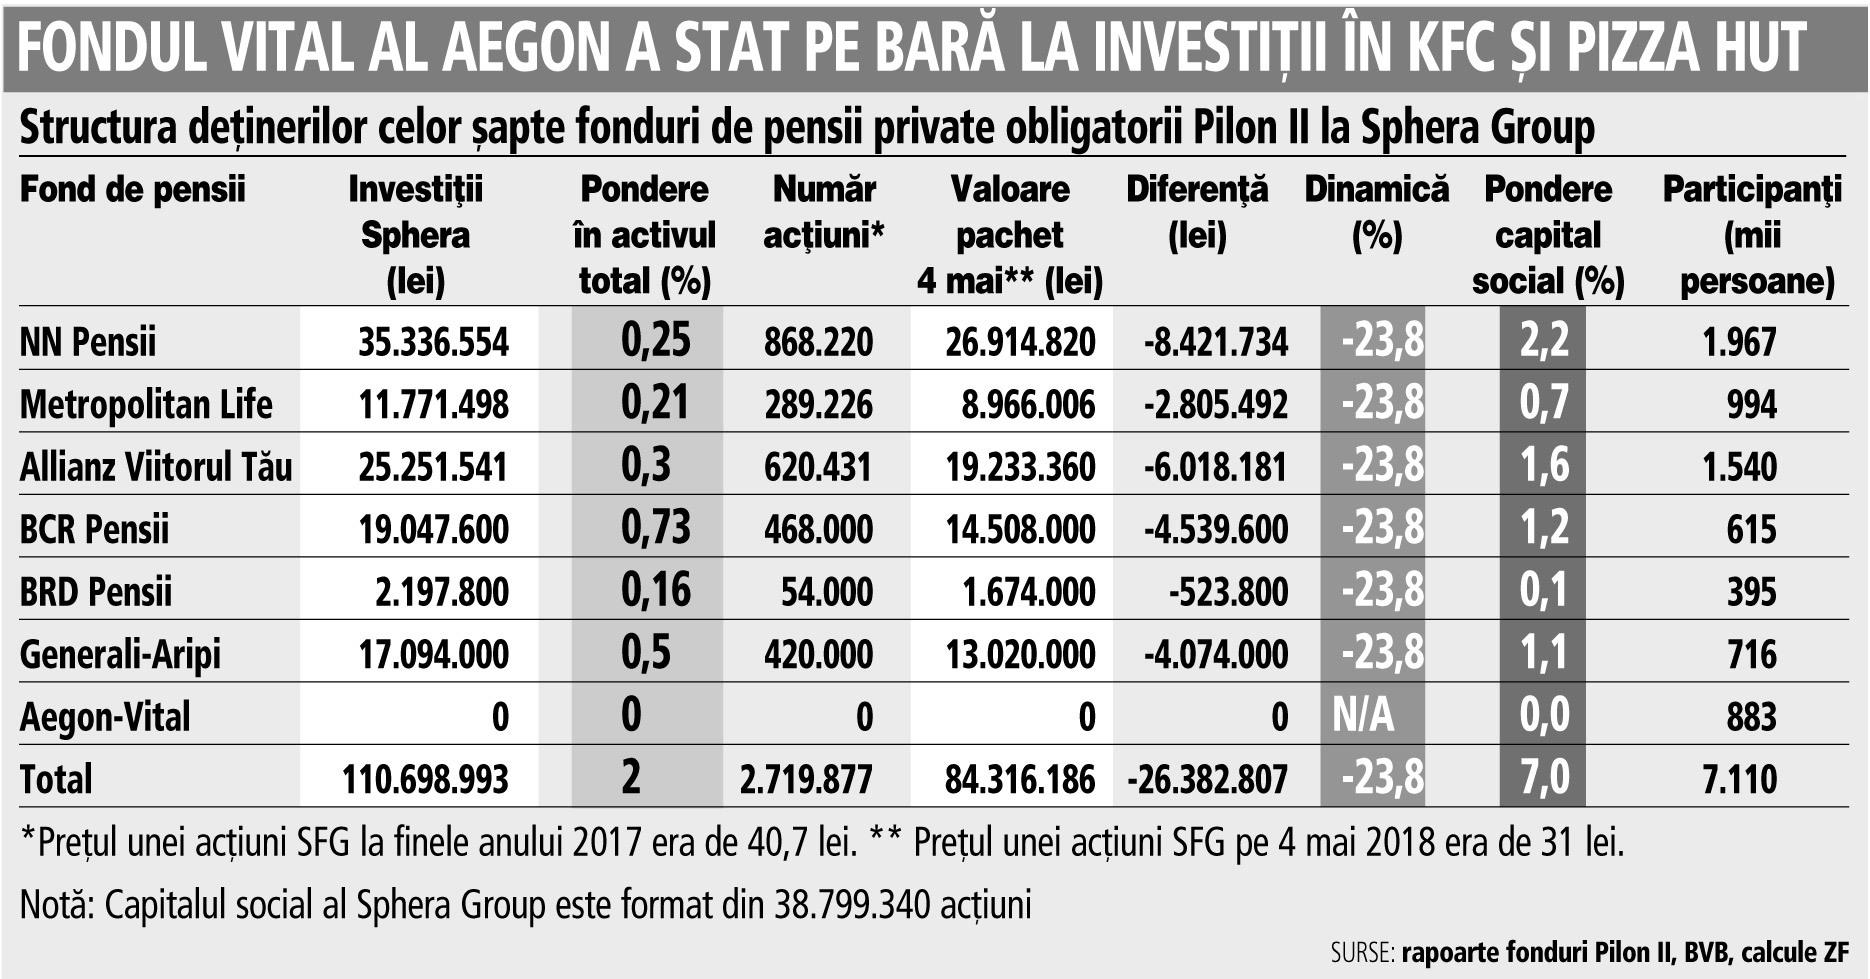 Grafic: Structura deţinerilor celor şapte fonduri de pensii private obligatorii Pilon II la Sphera Group